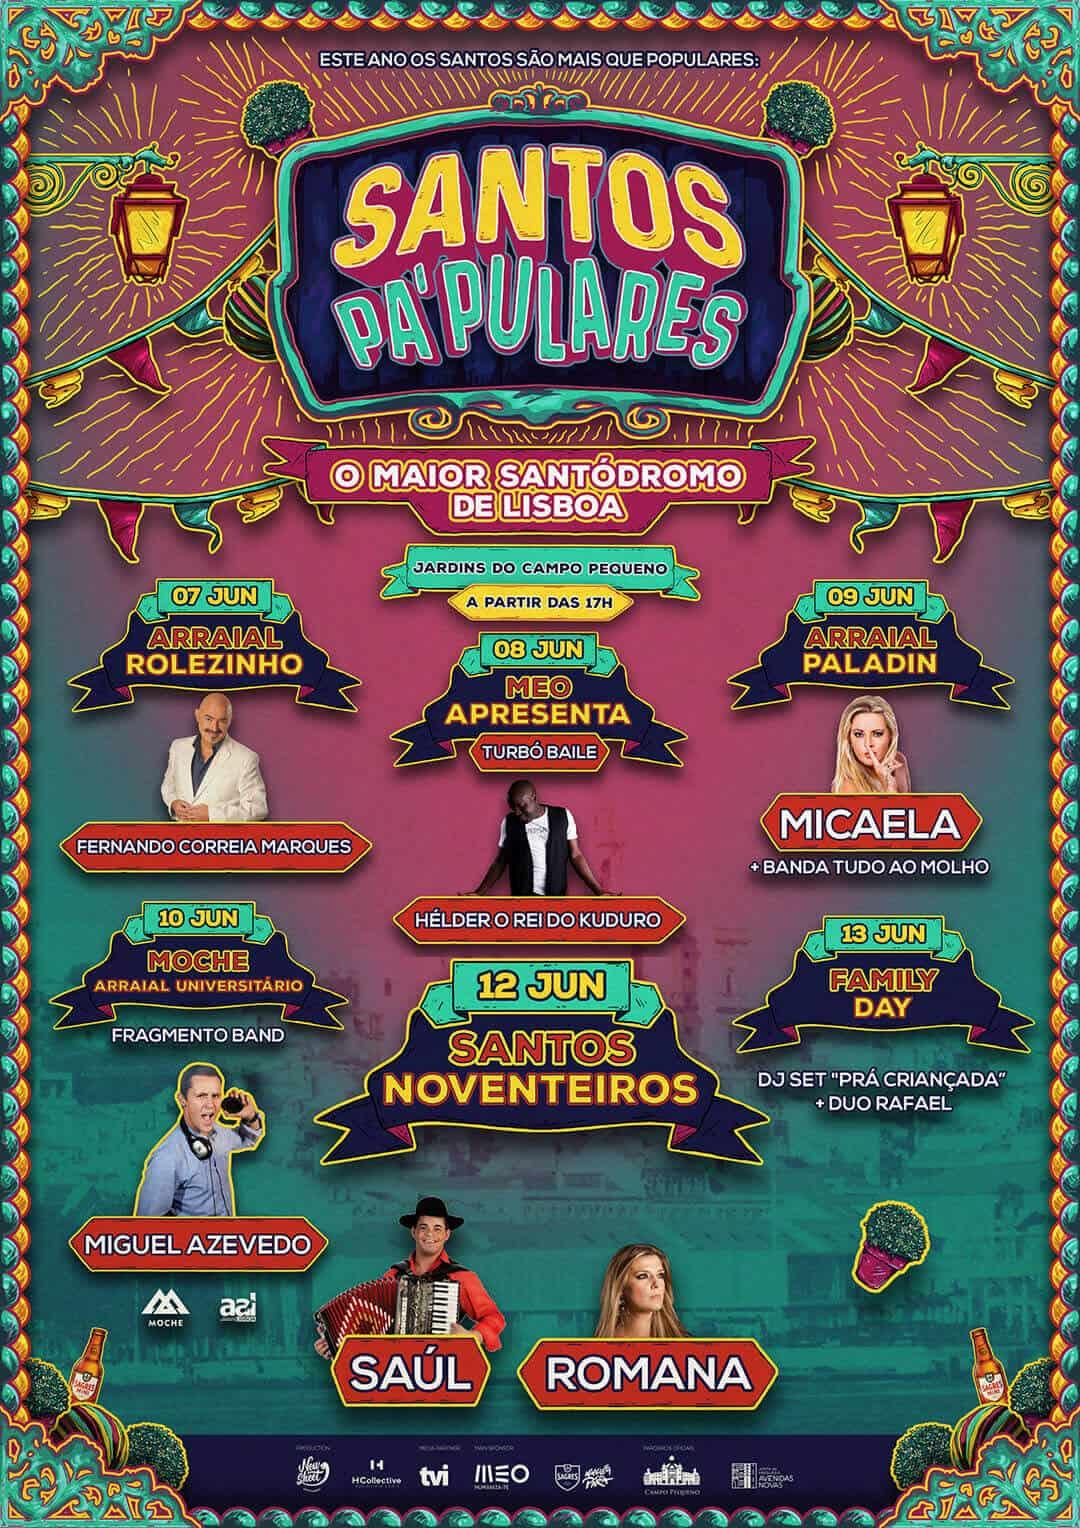 ARRAIAL CAMPO PEQUENO 2019 – SANTOS PA'PULARES